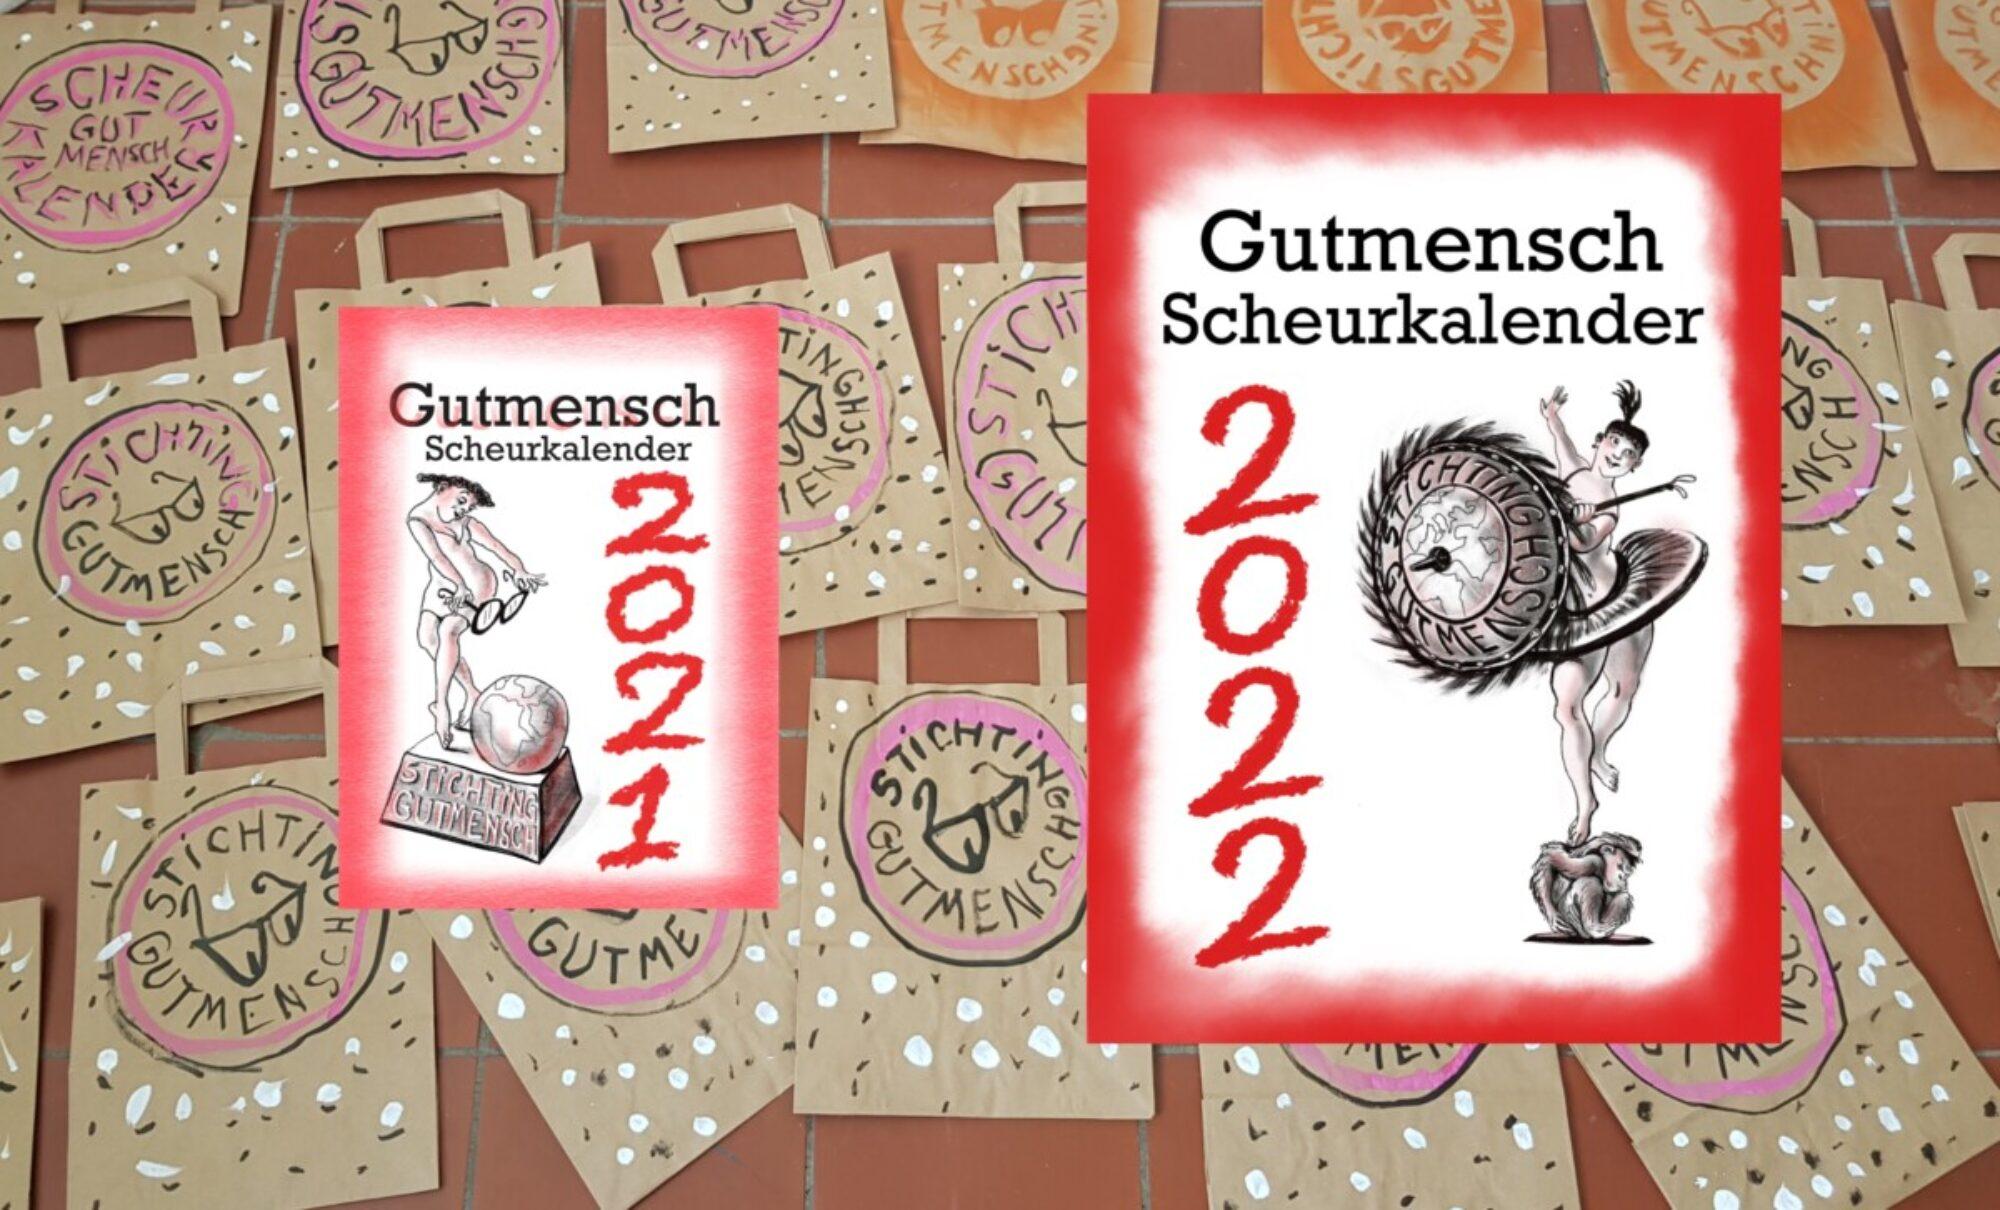 Stichting Gutmensch